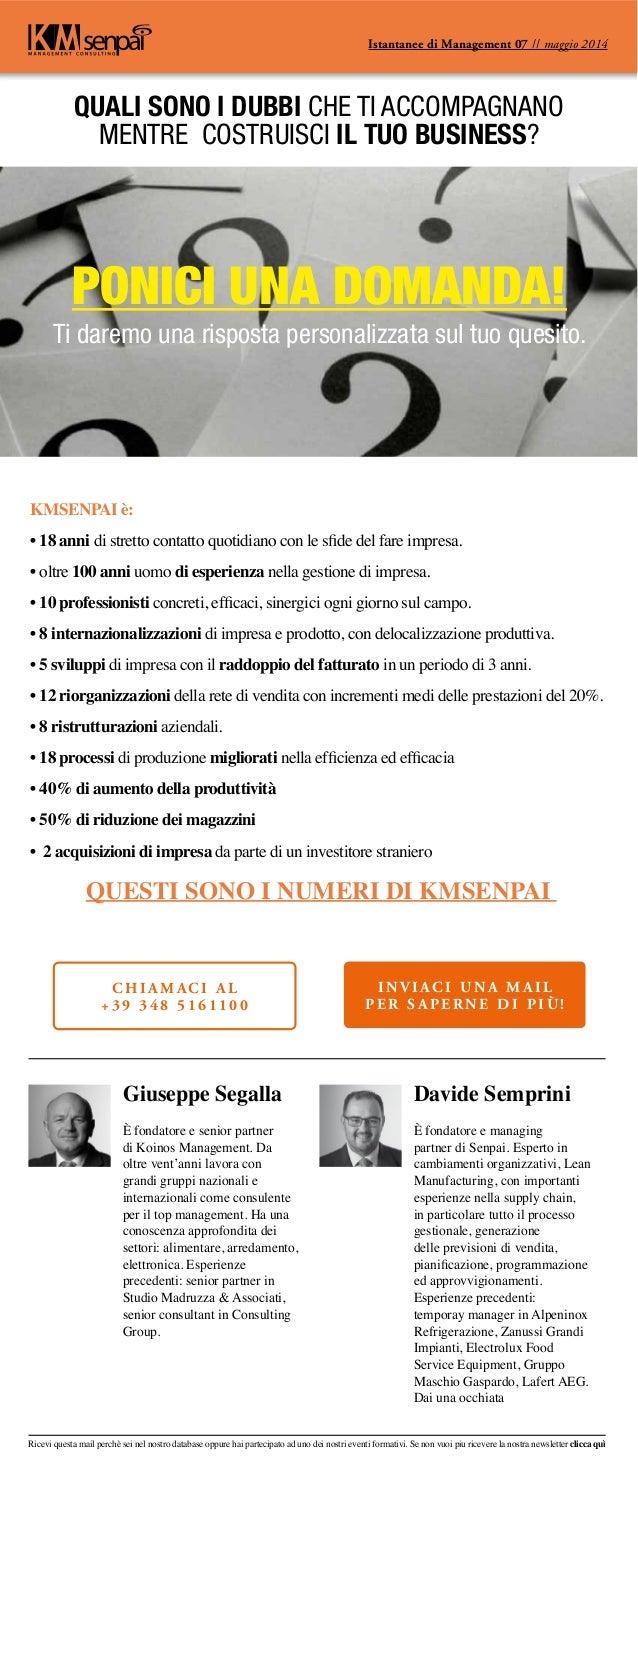 Giuseppe Segalla È fondatore e senior partner di Koinos Management. Da oltre vent'anni lavora con grandi gruppi nazionali ...